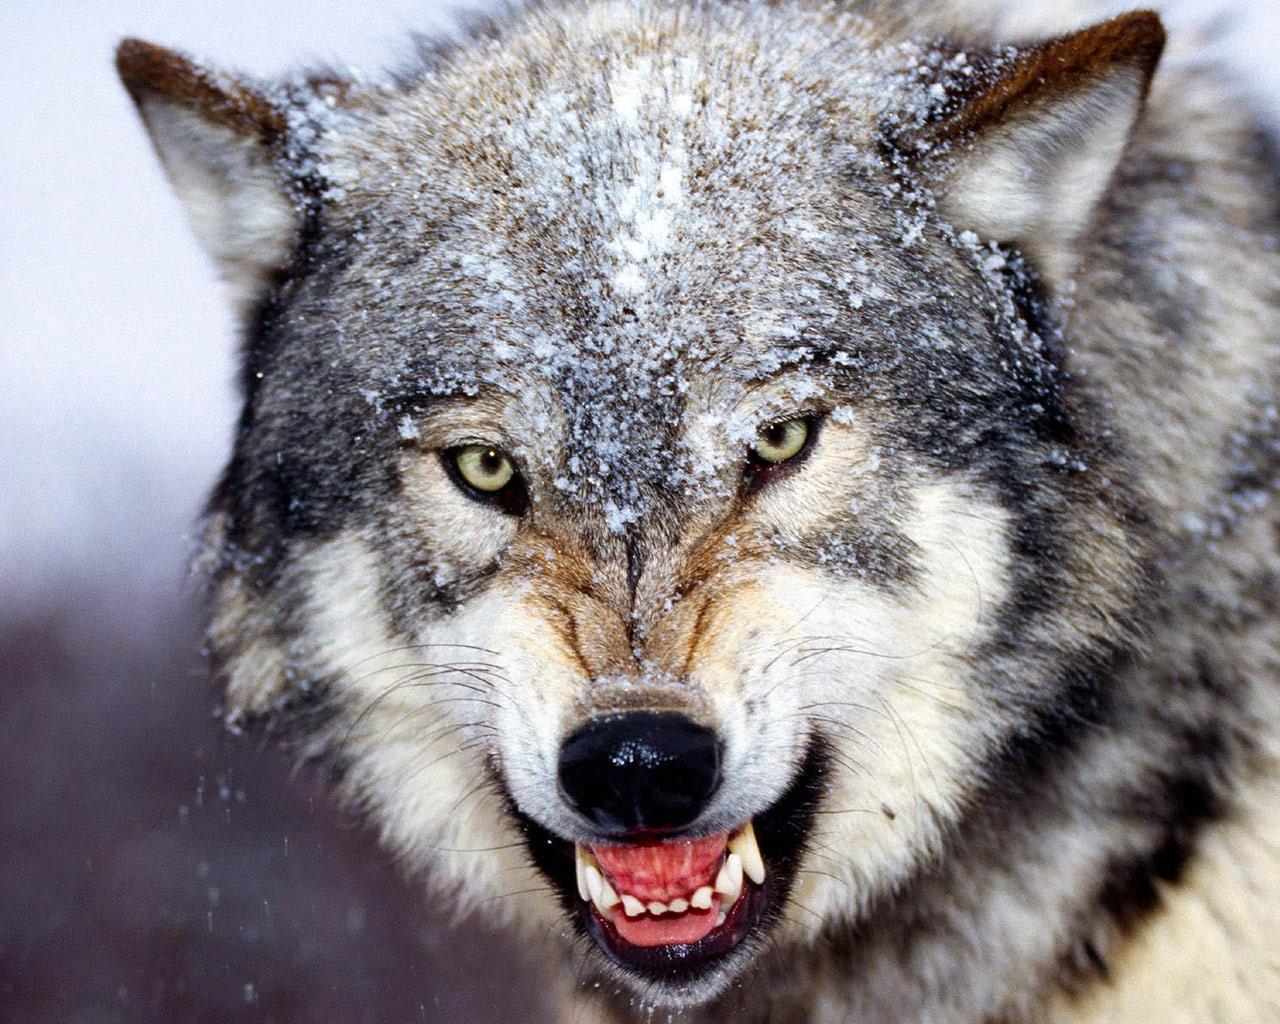 http://1.bp.blogspot.com/-dmlbbZklXWI/T5UNL0EqI_I/AAAAAAAAACA/uVGa7e_liDM/s1600/Bared_Teeth,_Grey_Wolf.jpg